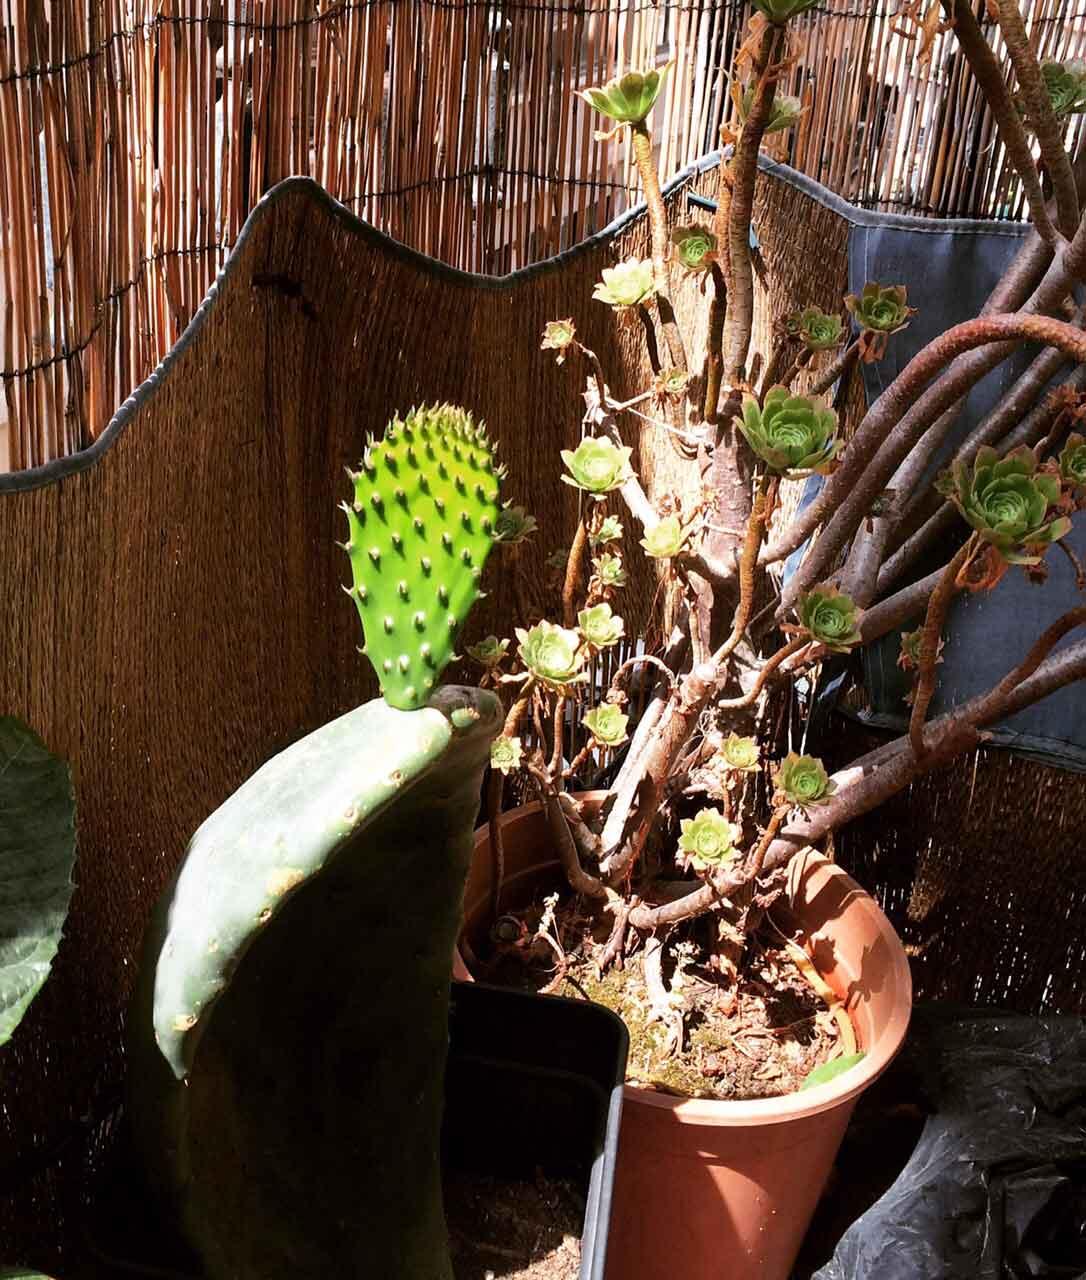 Yokoso Mein Kaktus